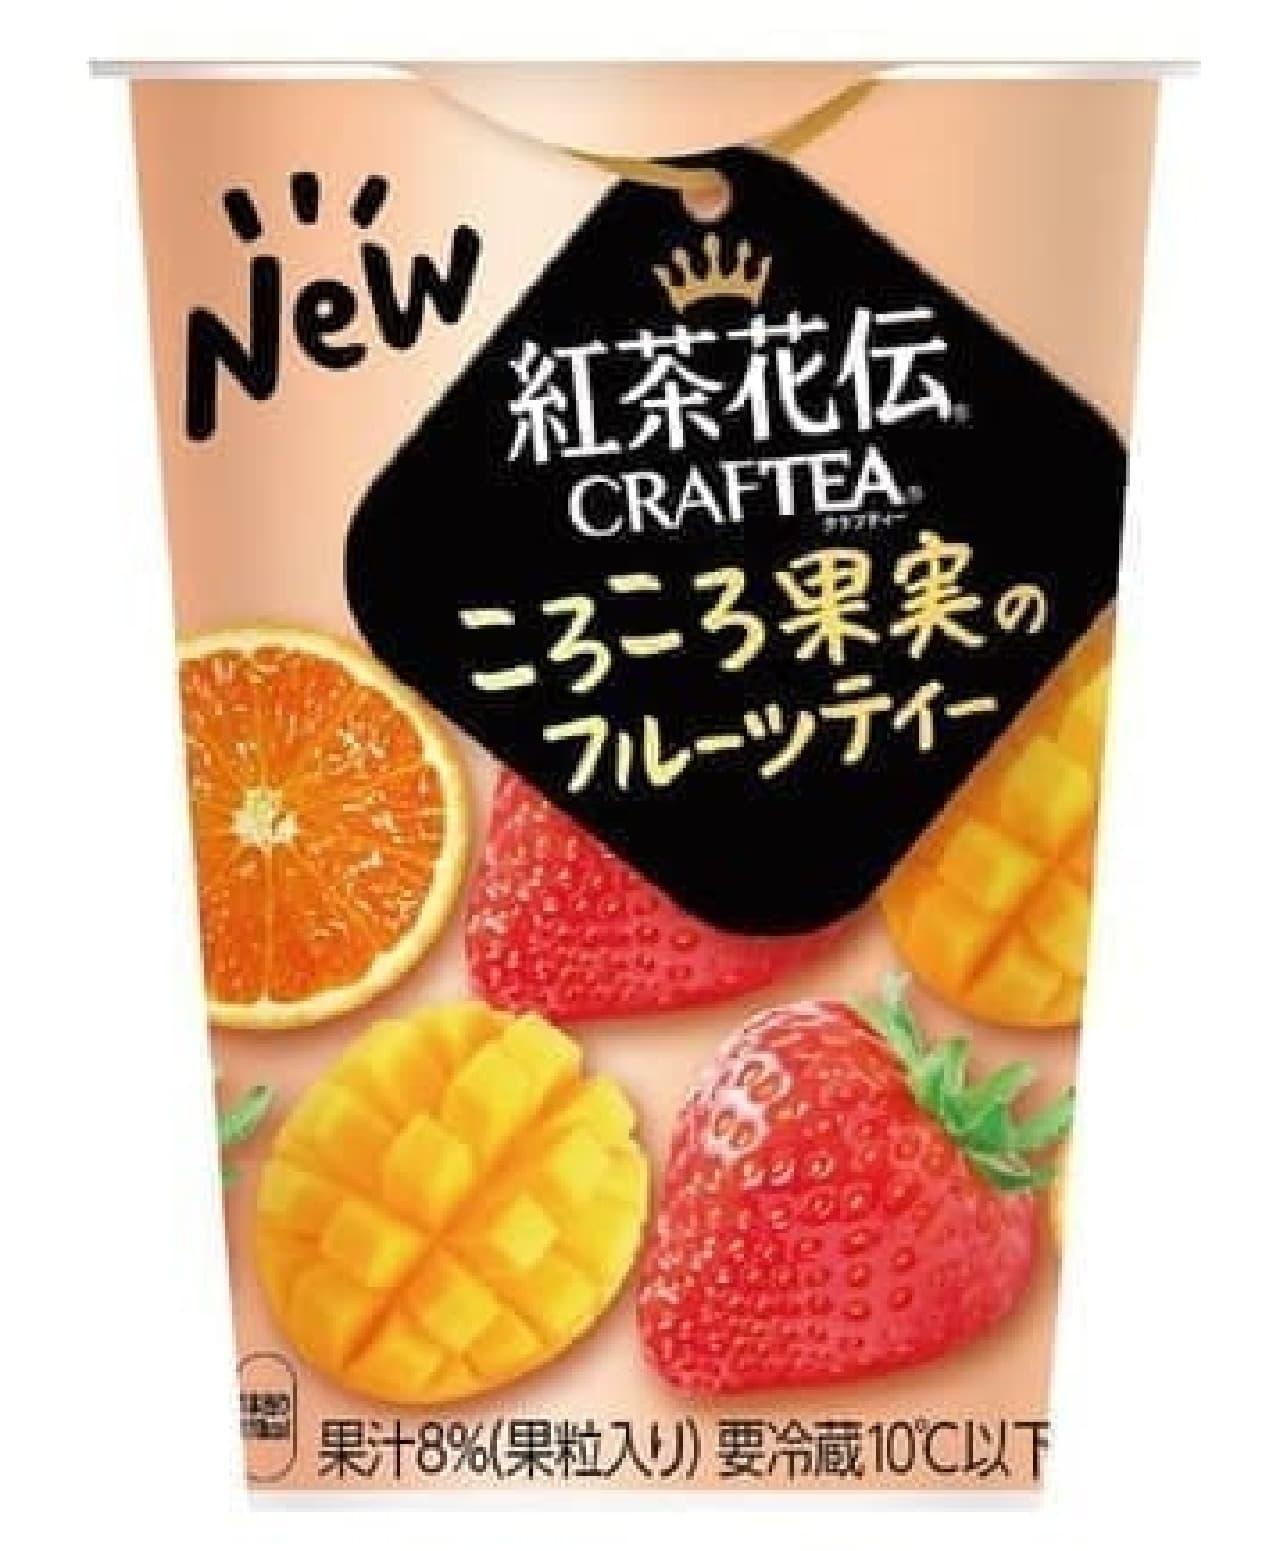 紅茶花伝 クラフティー ころころ果実のフルーツティー